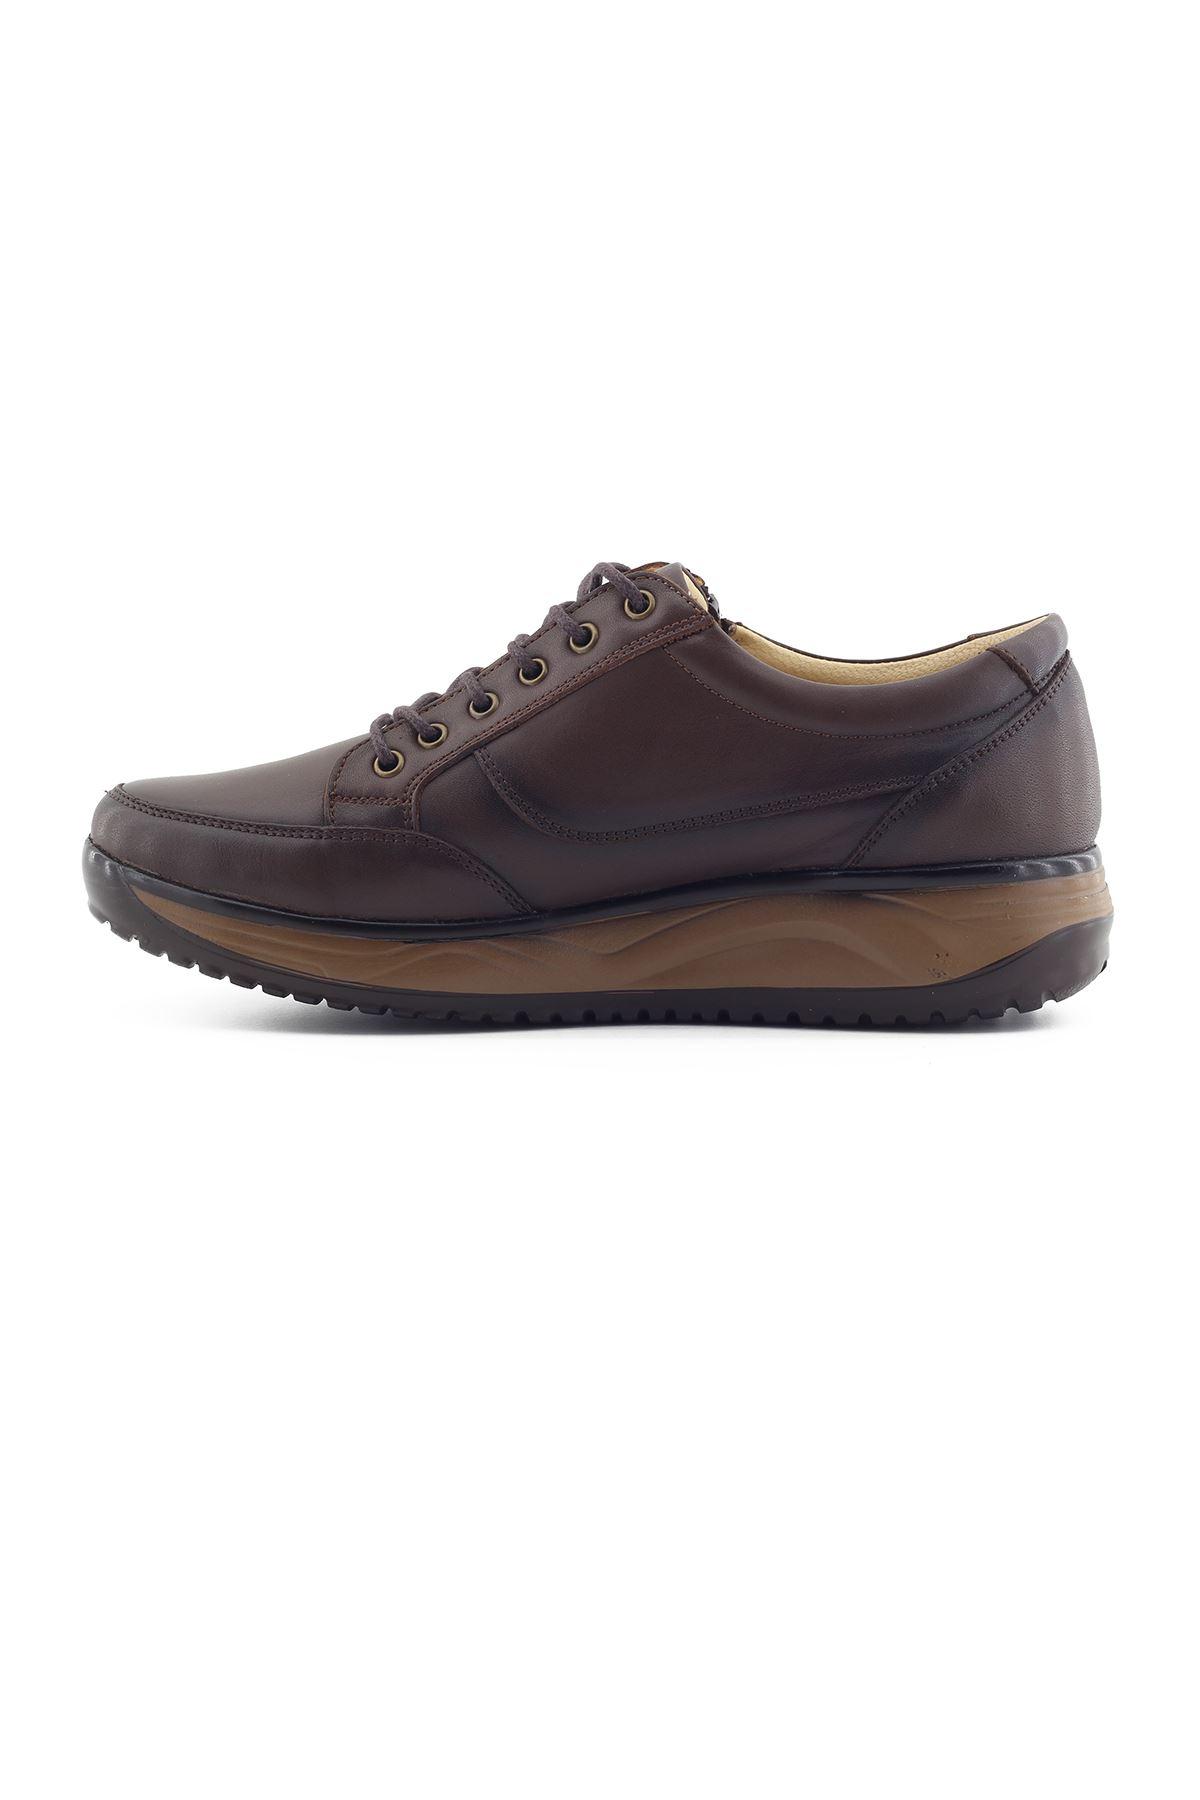 1655 Kahve Erkek Büyük Numara Yürüyüş Ayakkabısı (45-46)